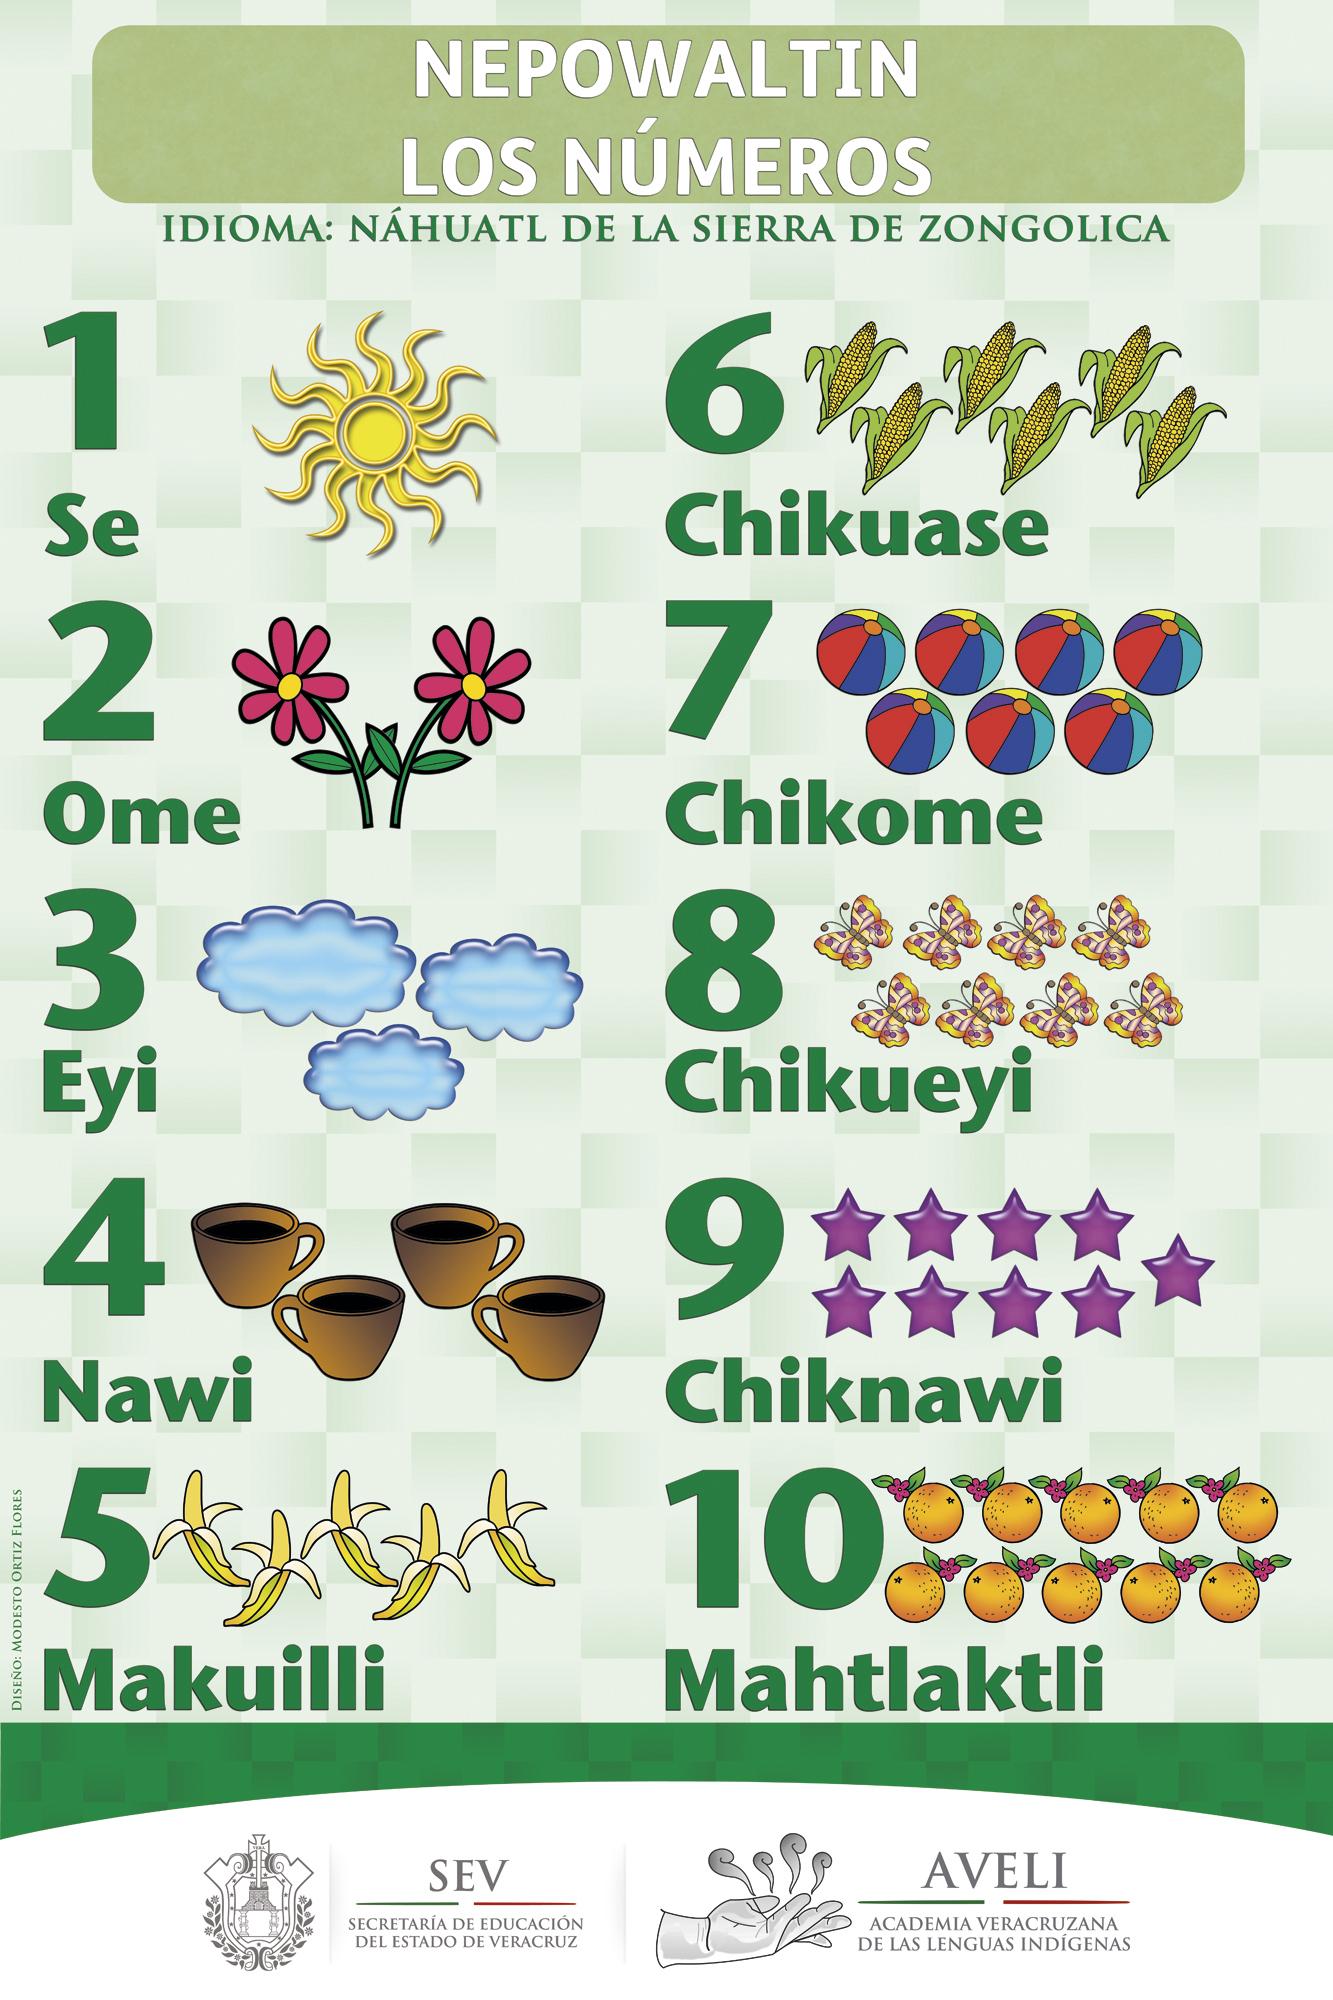 Aprendamos Nahuatl de Zongolica.